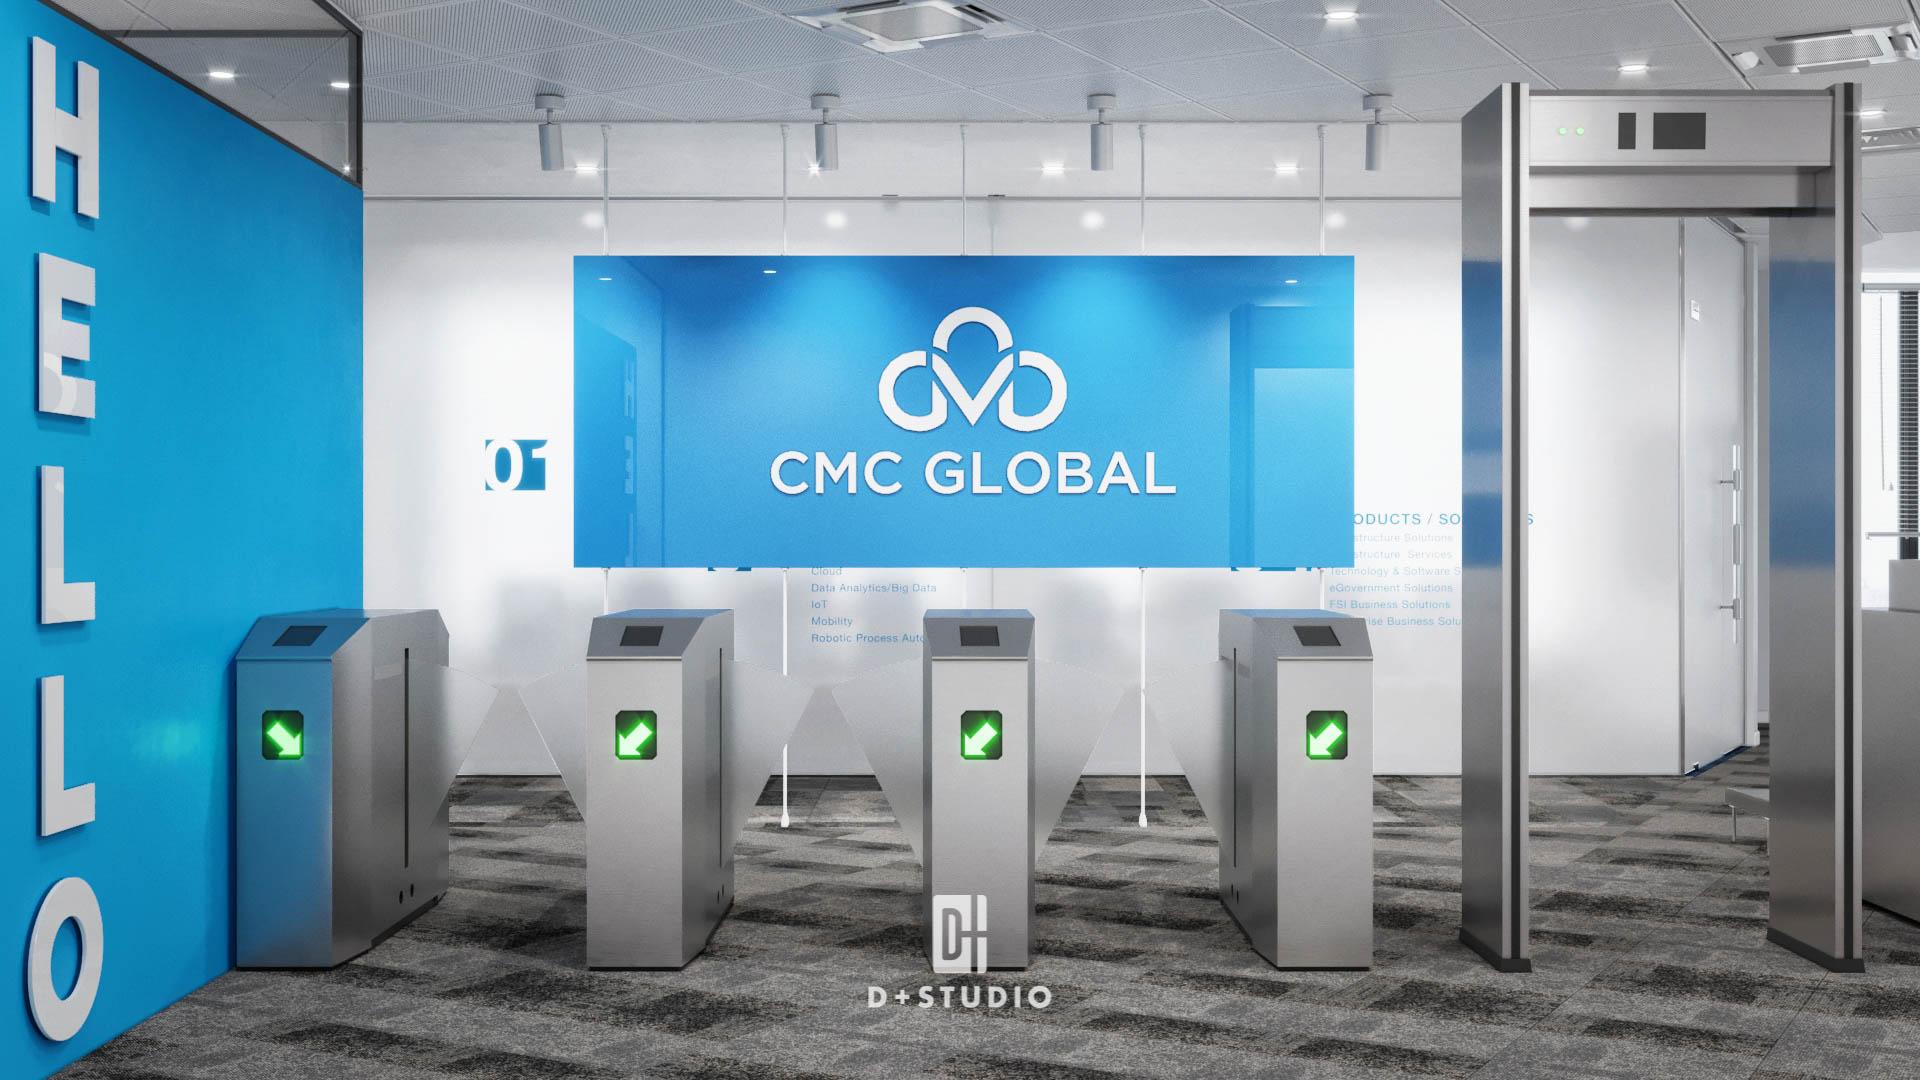 Khu vực sảnh vào của CMC Global T10 Samsung sử màu xanh dương - là màu sắc biểu tượng thương hiệu đồng thời tạo cảm giác thoải mái, thân thiện